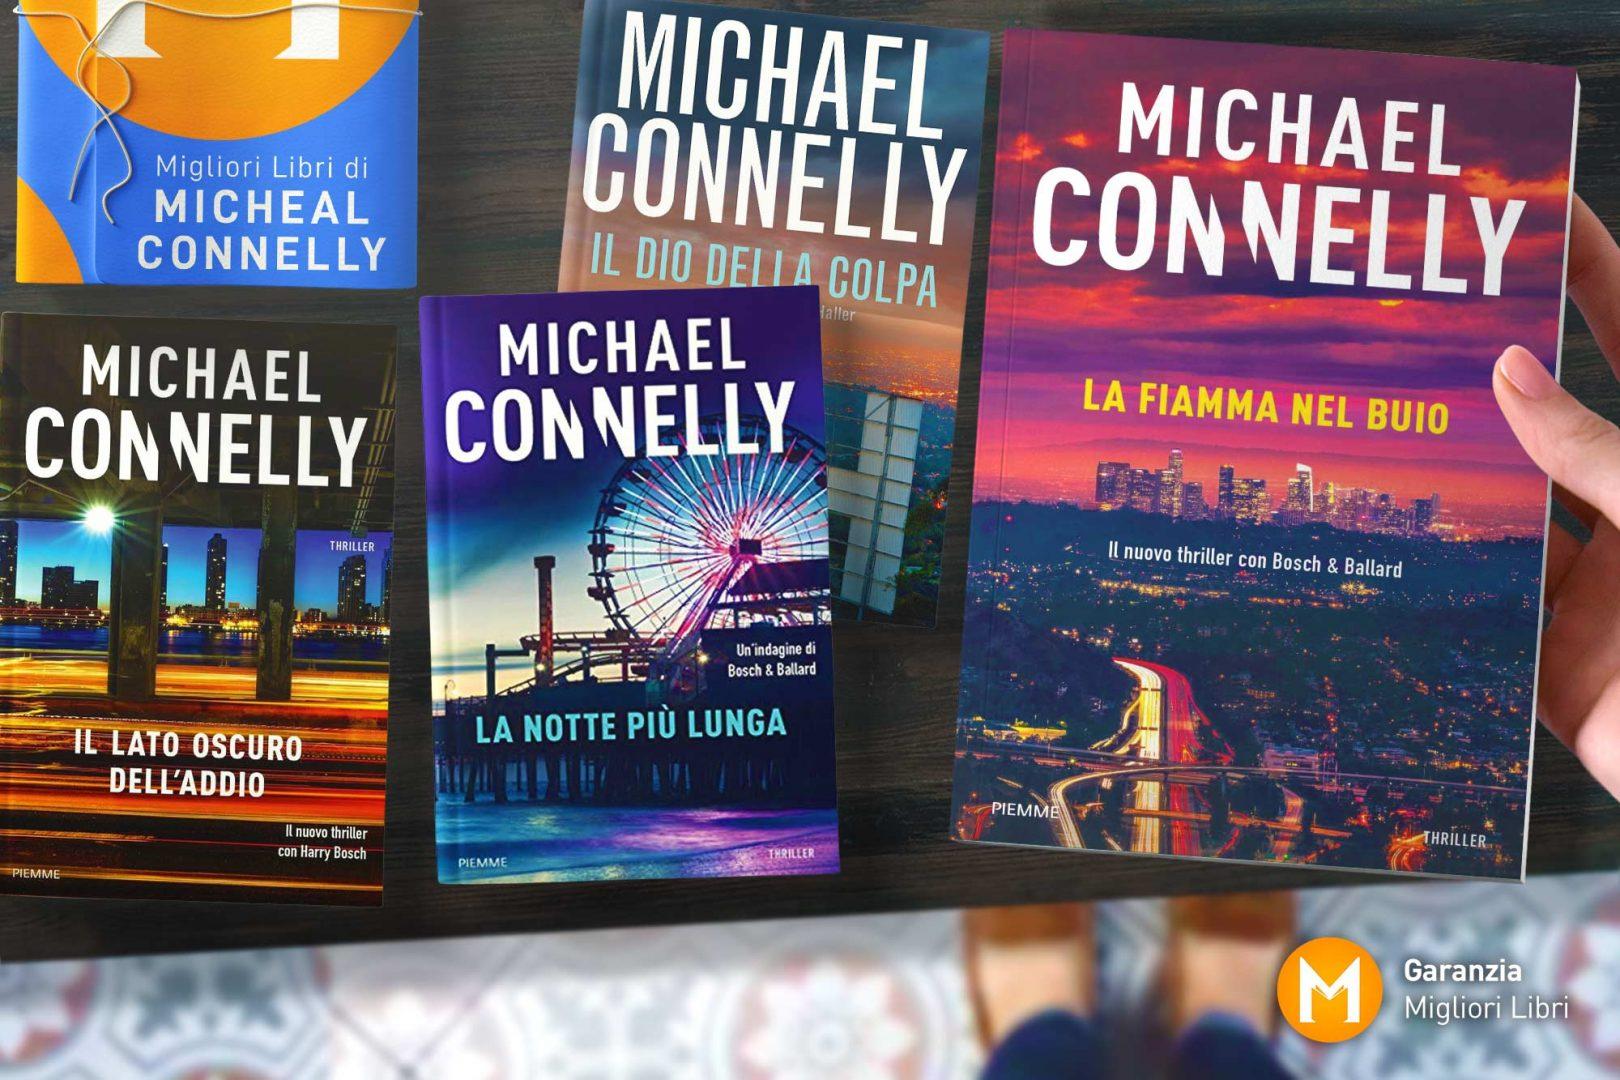 migliori-libri-micheal-connelly